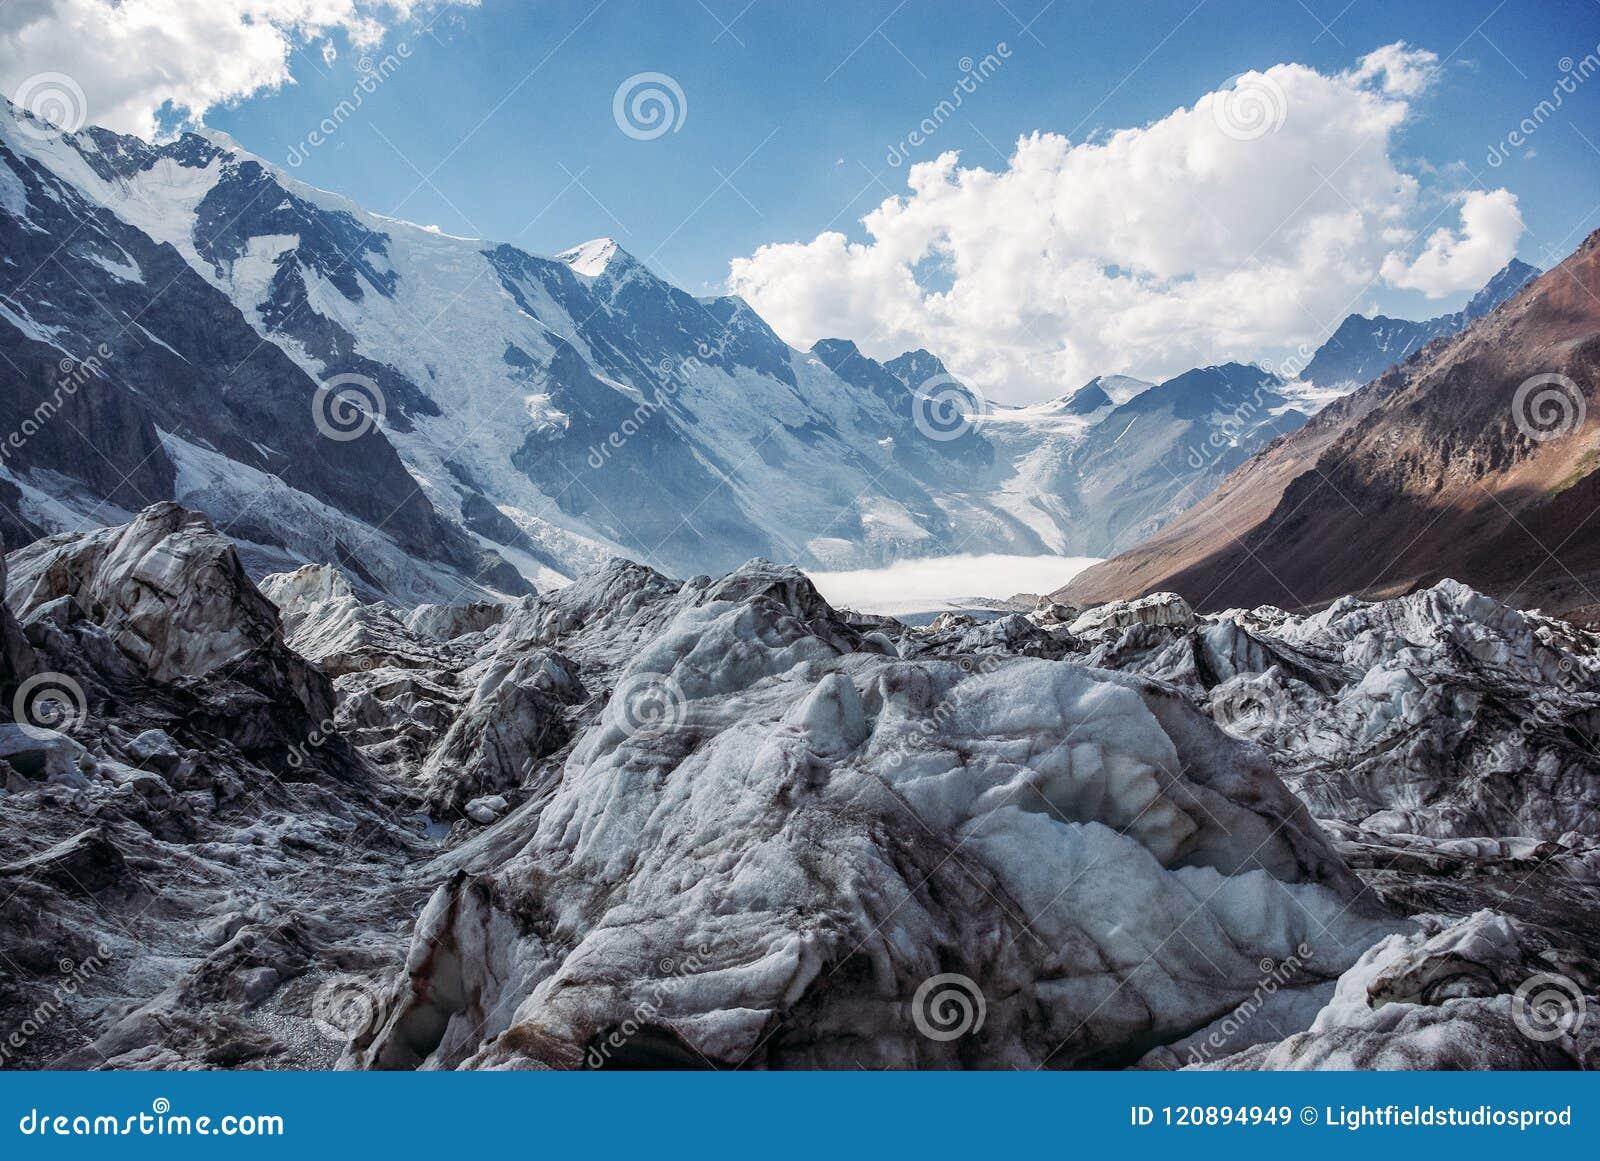 A vista surpreendente das montanhas ajardina com neve, Federação Russa, Cáucaso,